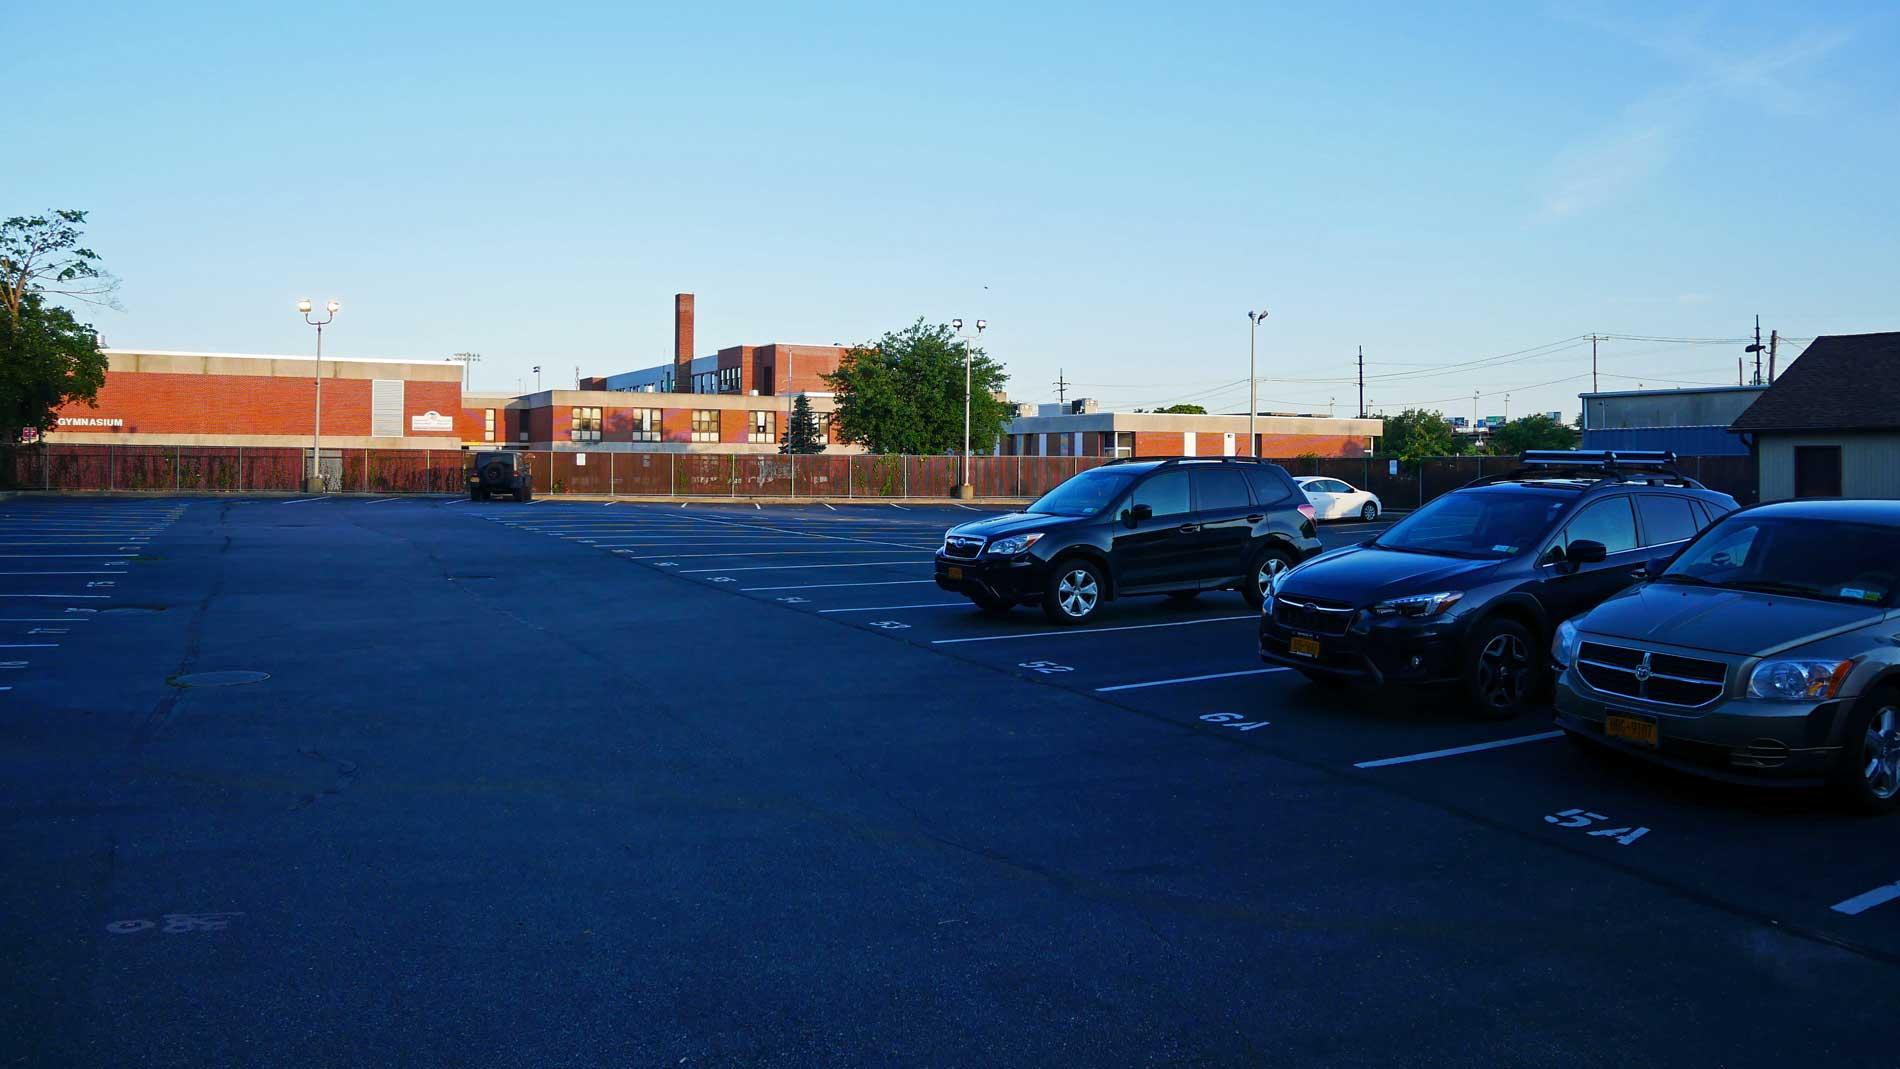 Parking Lot behind 180 Deer Park Ave